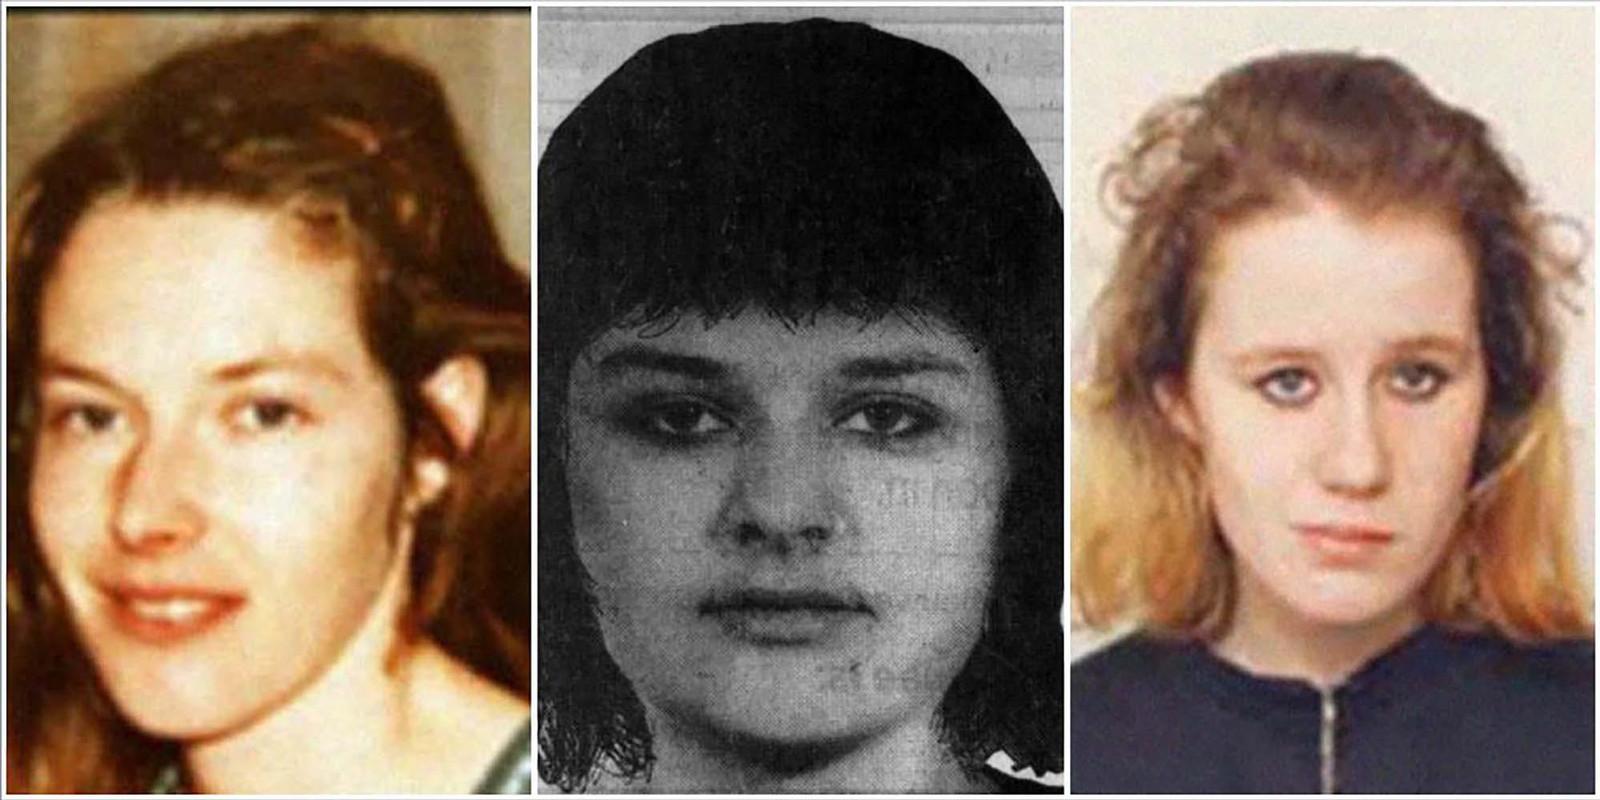 Vlnr: Mientje van Balkom, Maria Hofland en Maria Christine Jonas. Justitie heeft bewijs